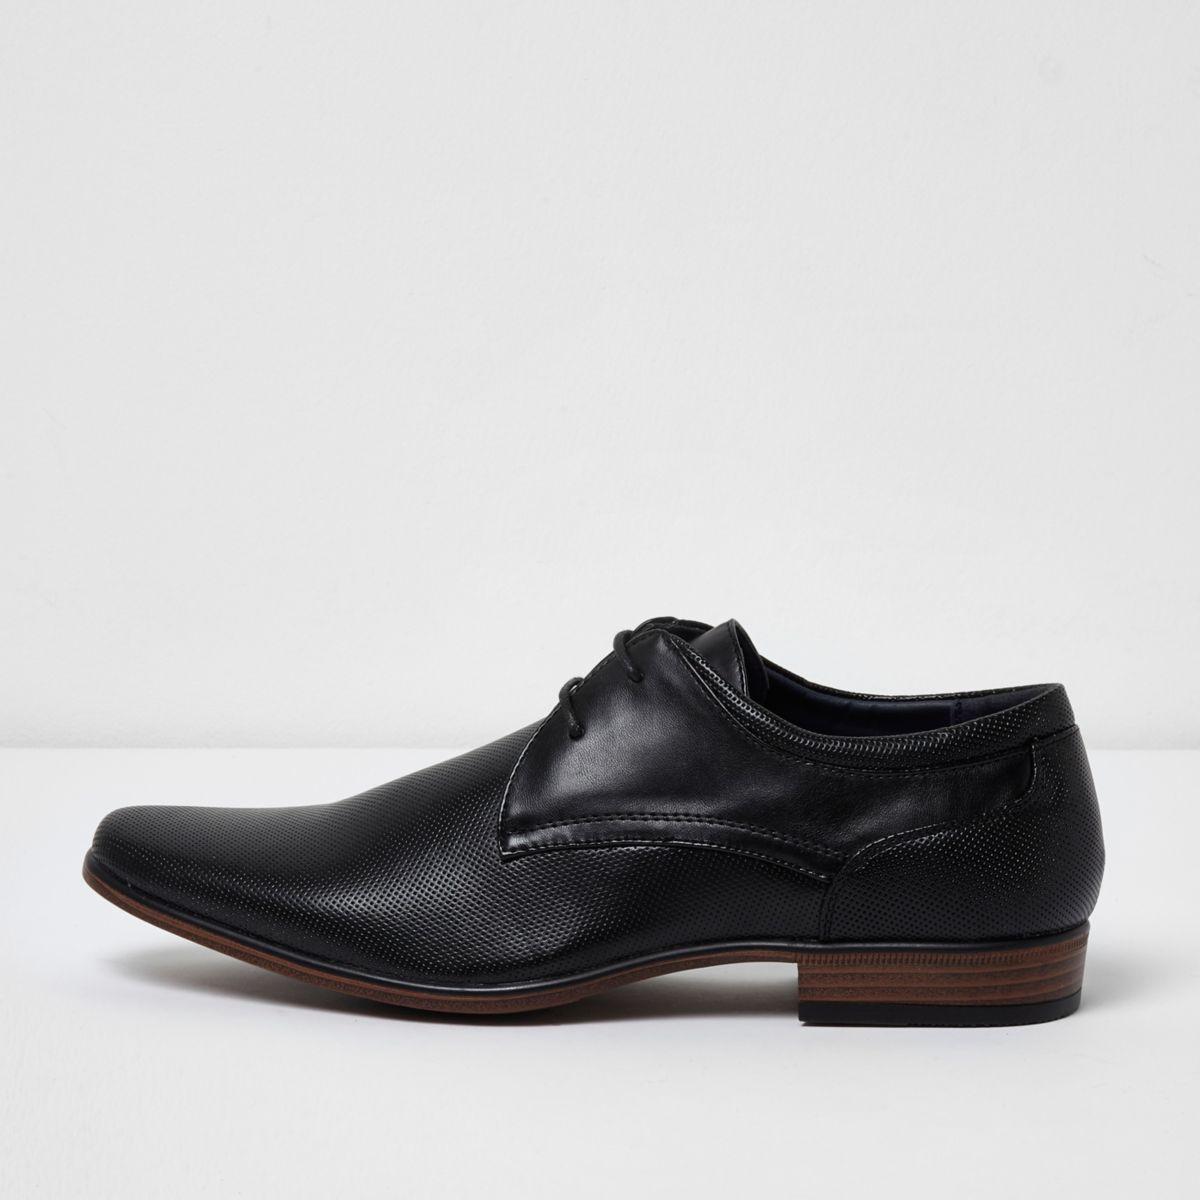 Zwarte nette schoenen met perforaties